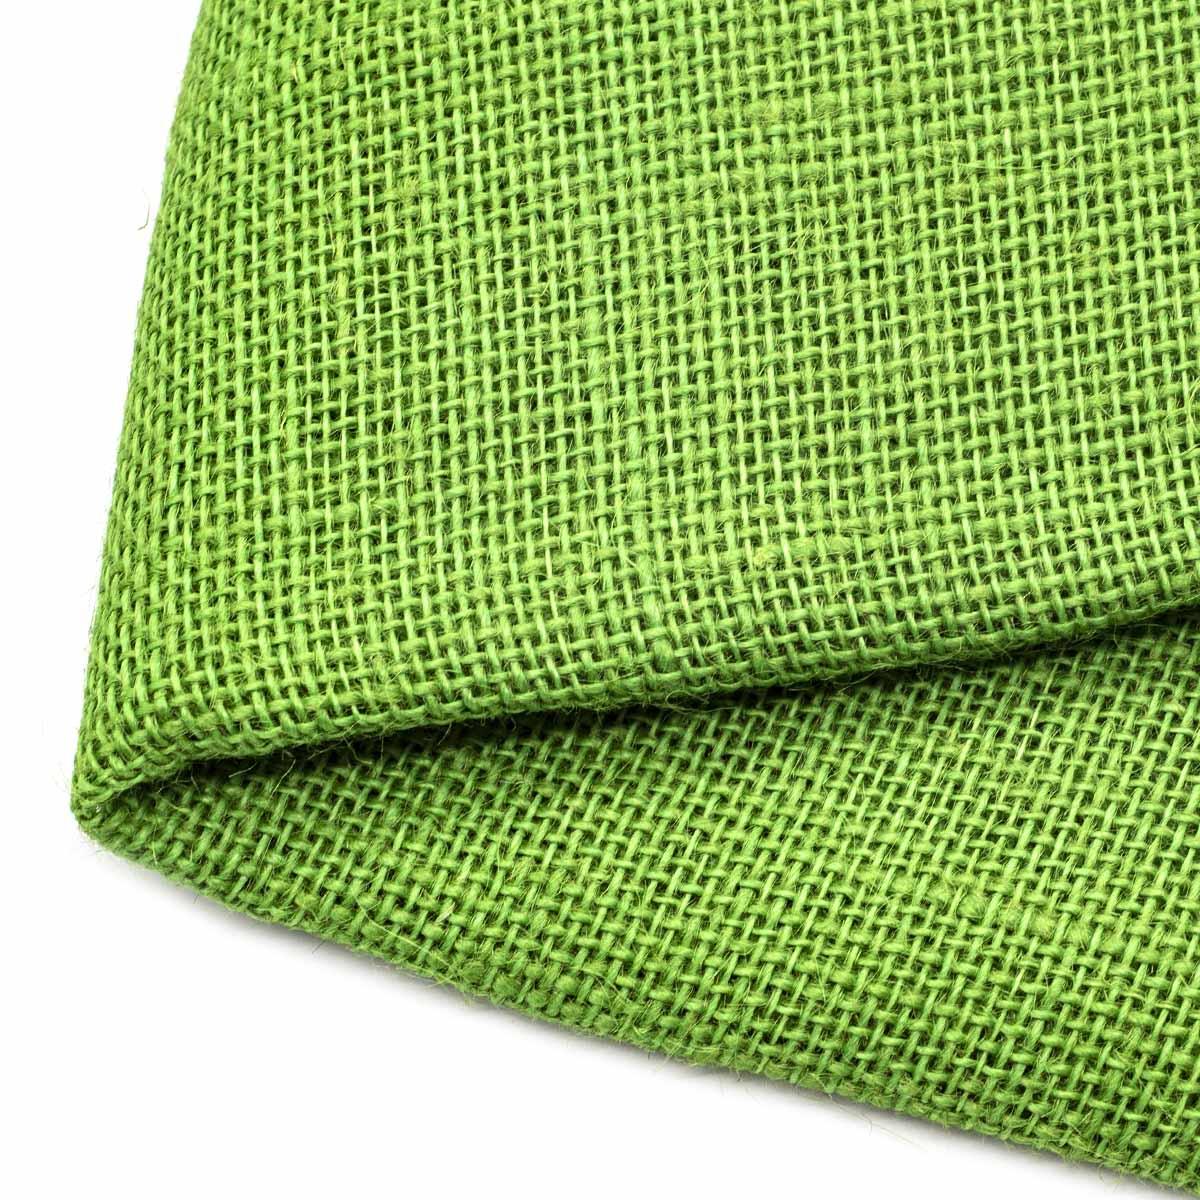 2AR113 Рогожка 100% лен 48*50см (зеленый) фото